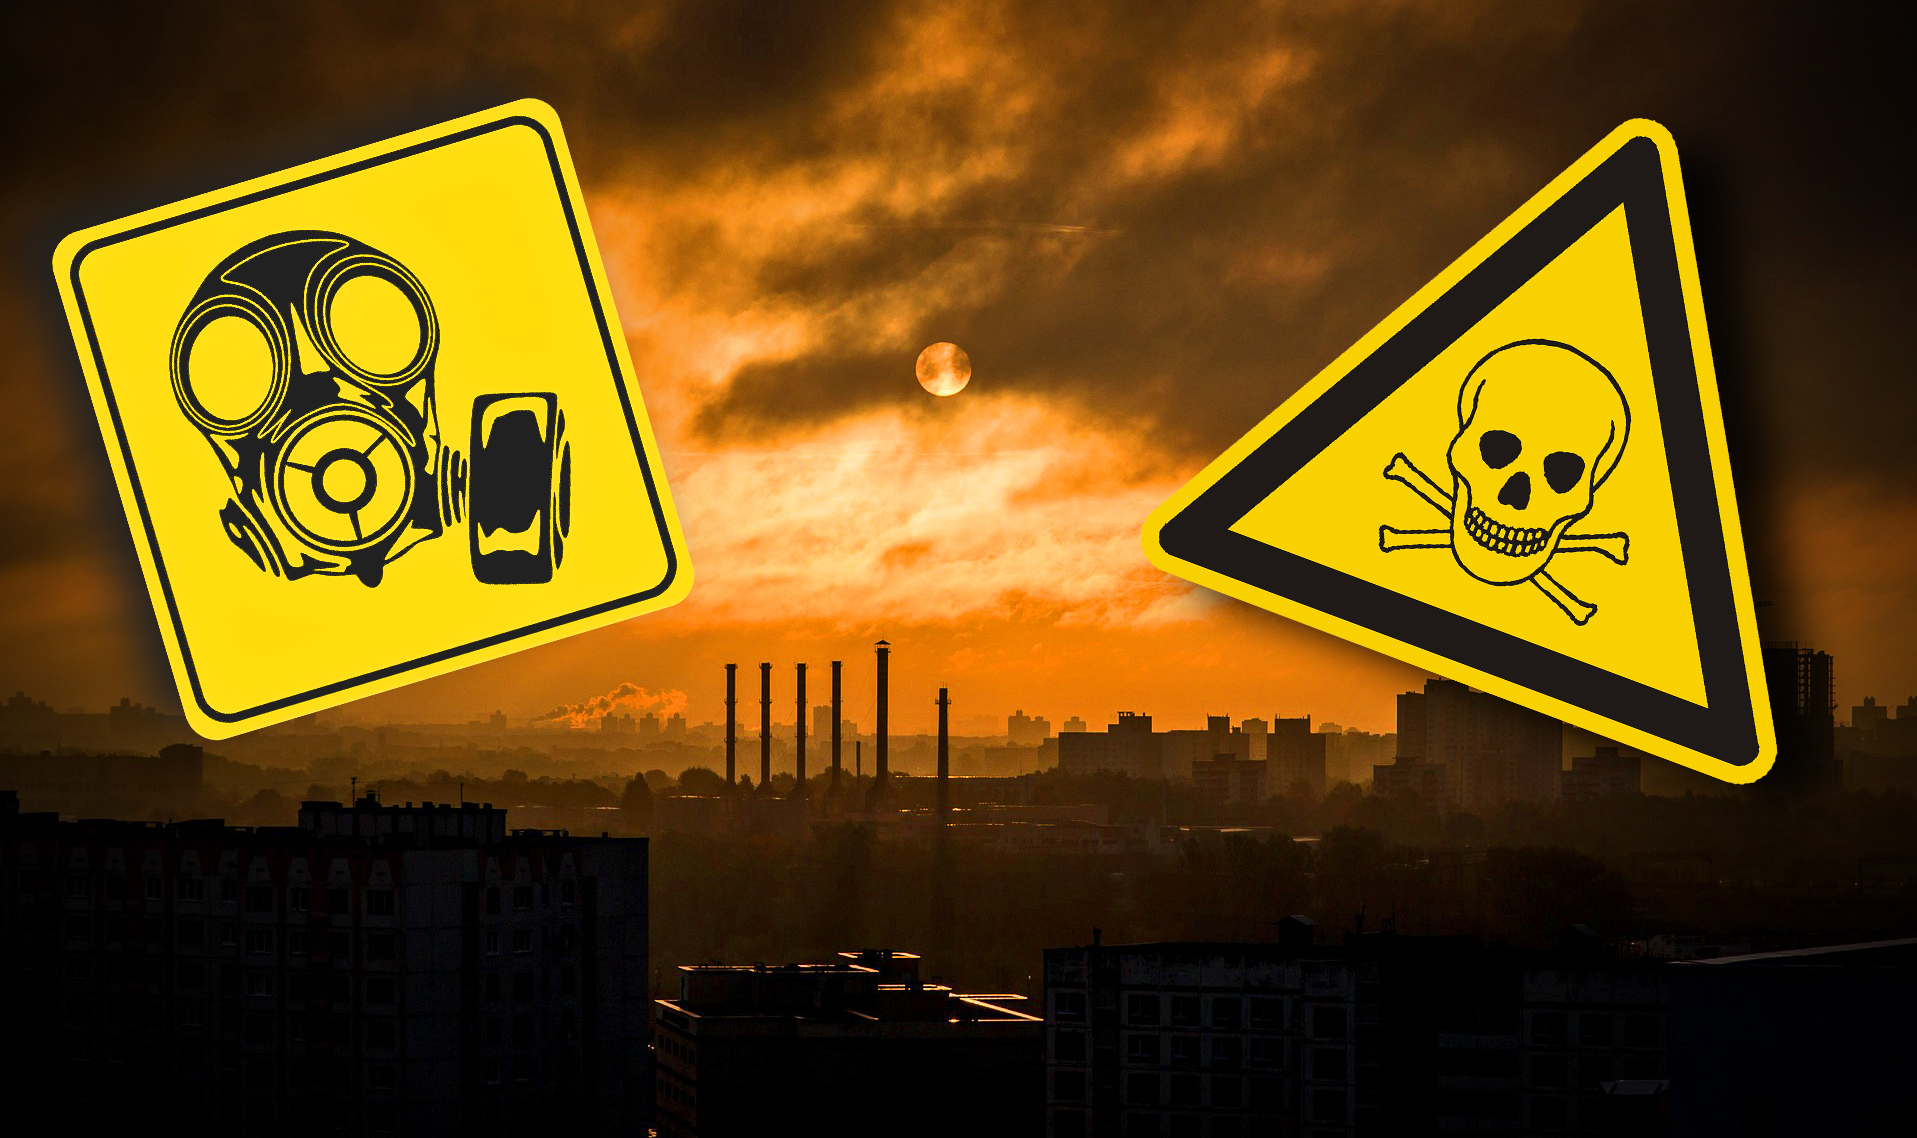 En en dimmig stad i silhuett, ed varningsskyltar monterade över